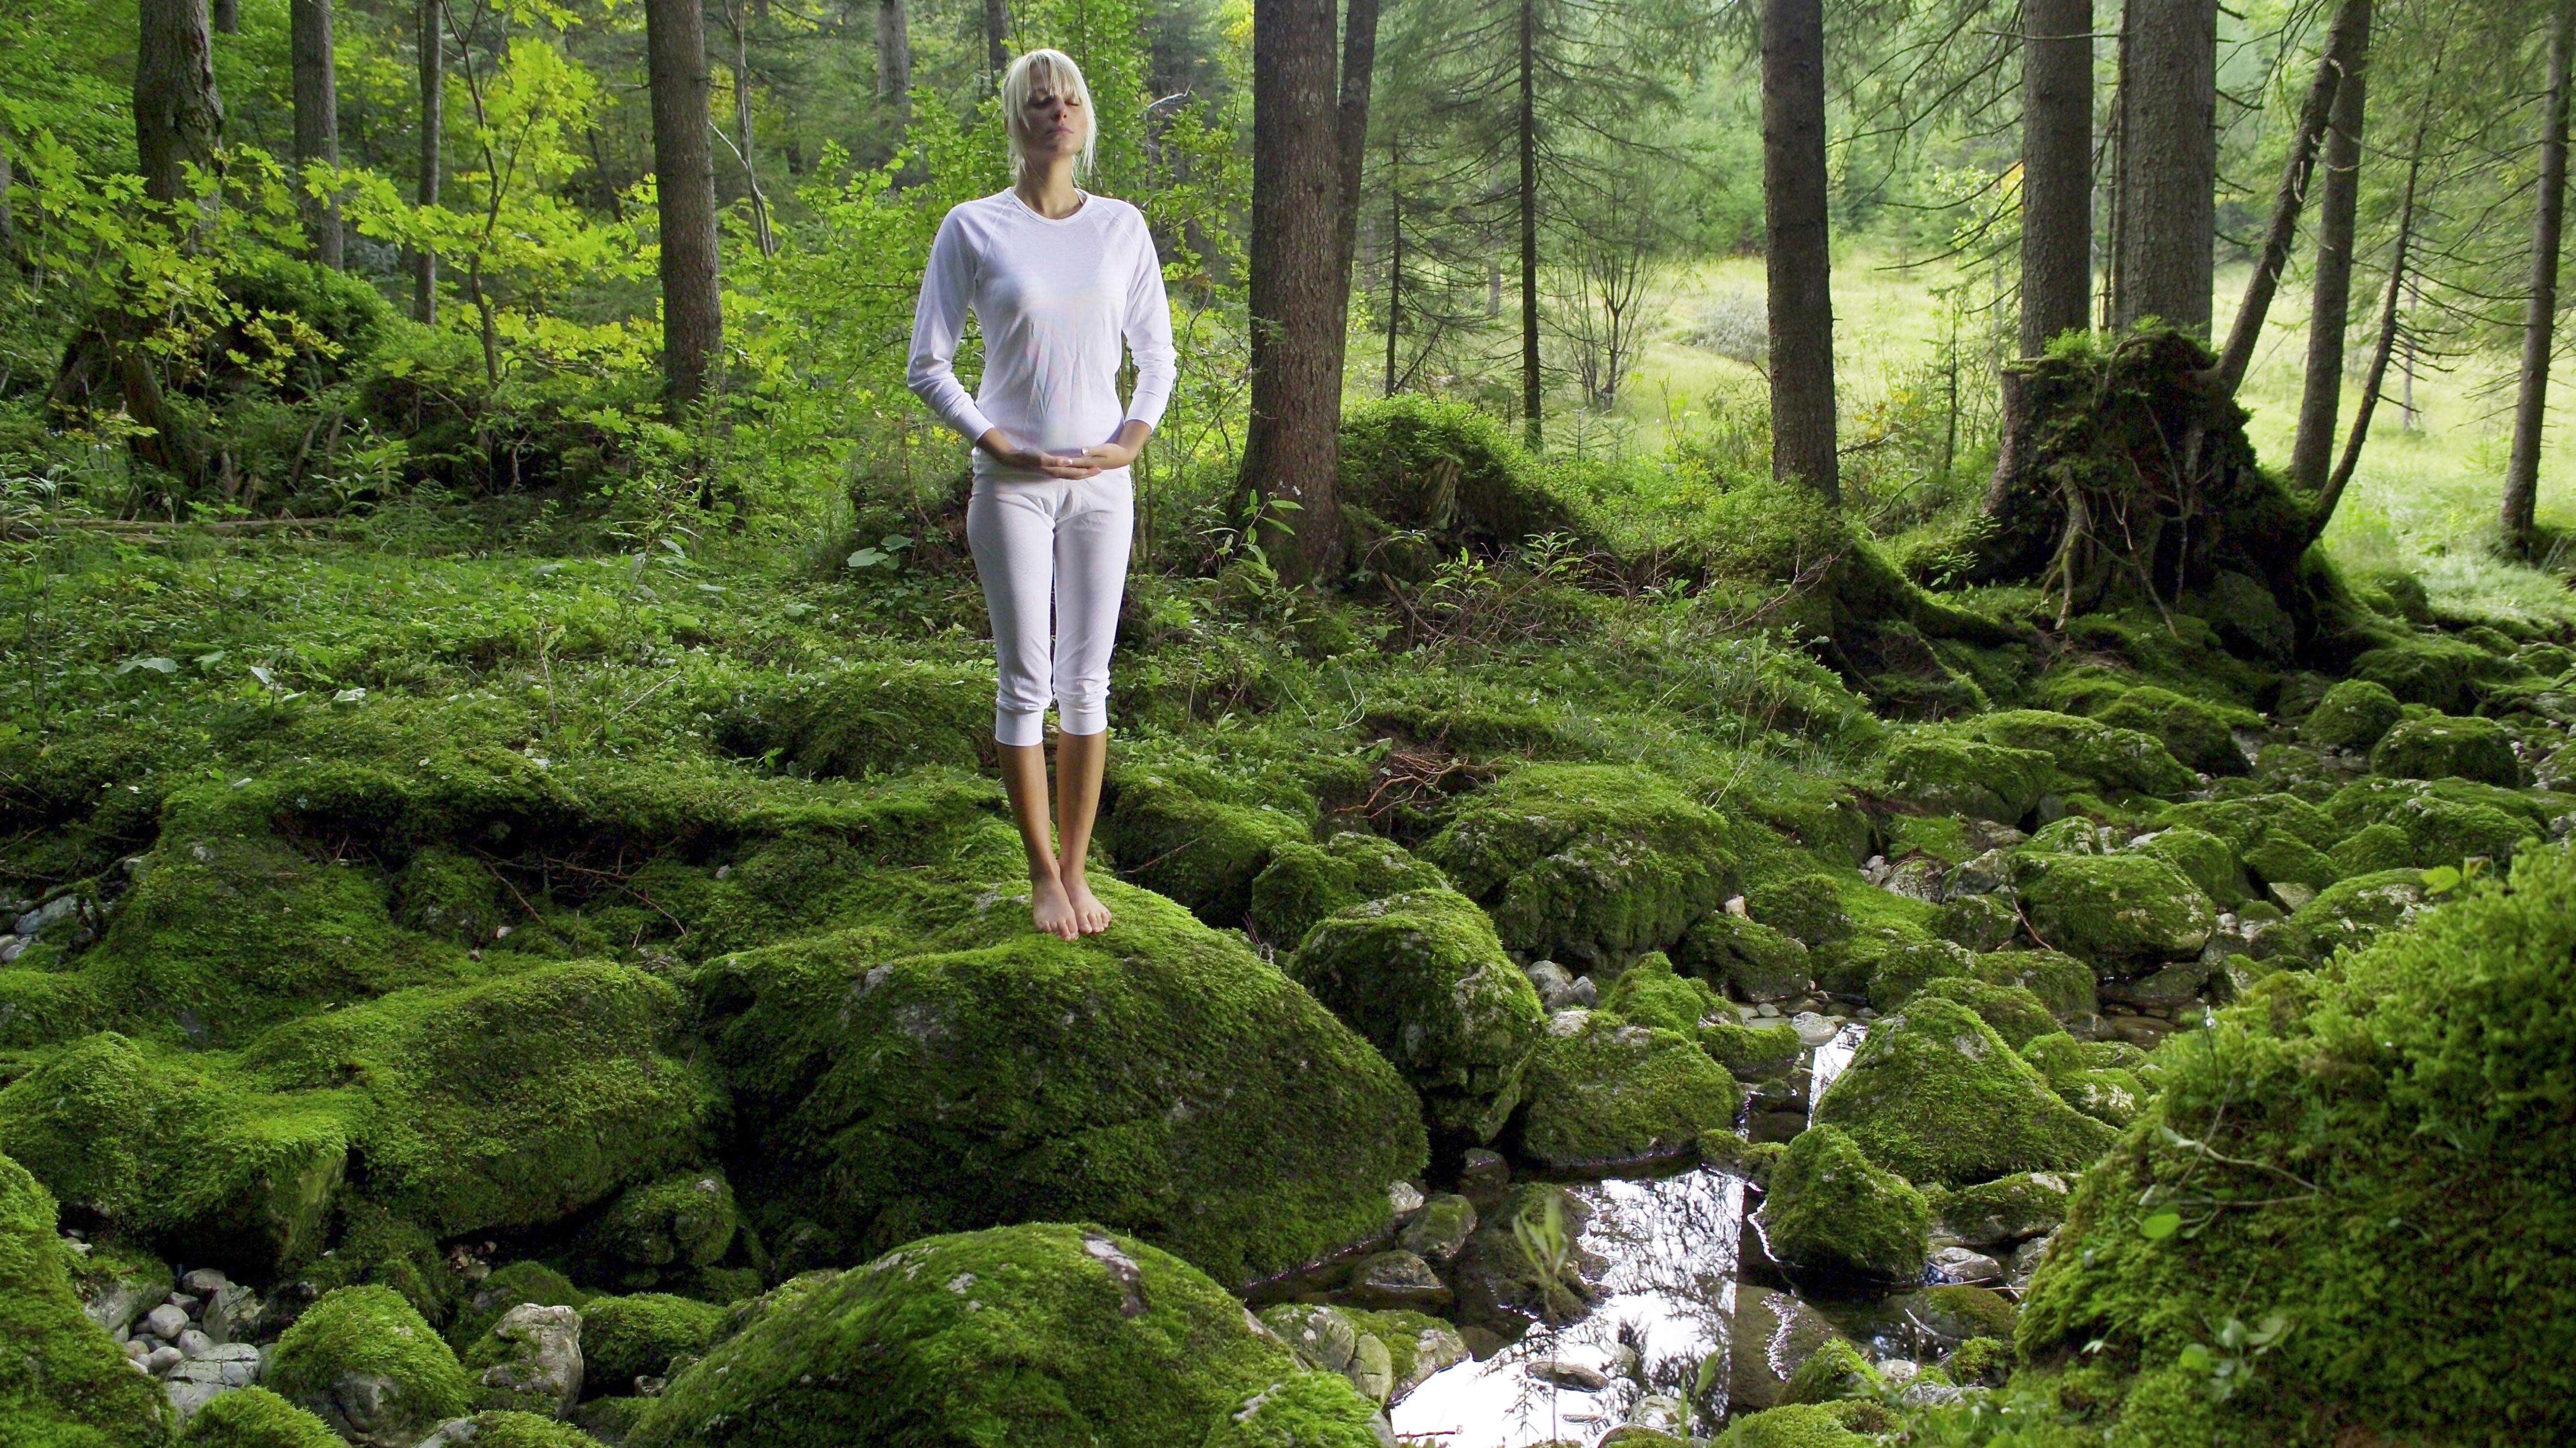 Frau meditiert im Wald